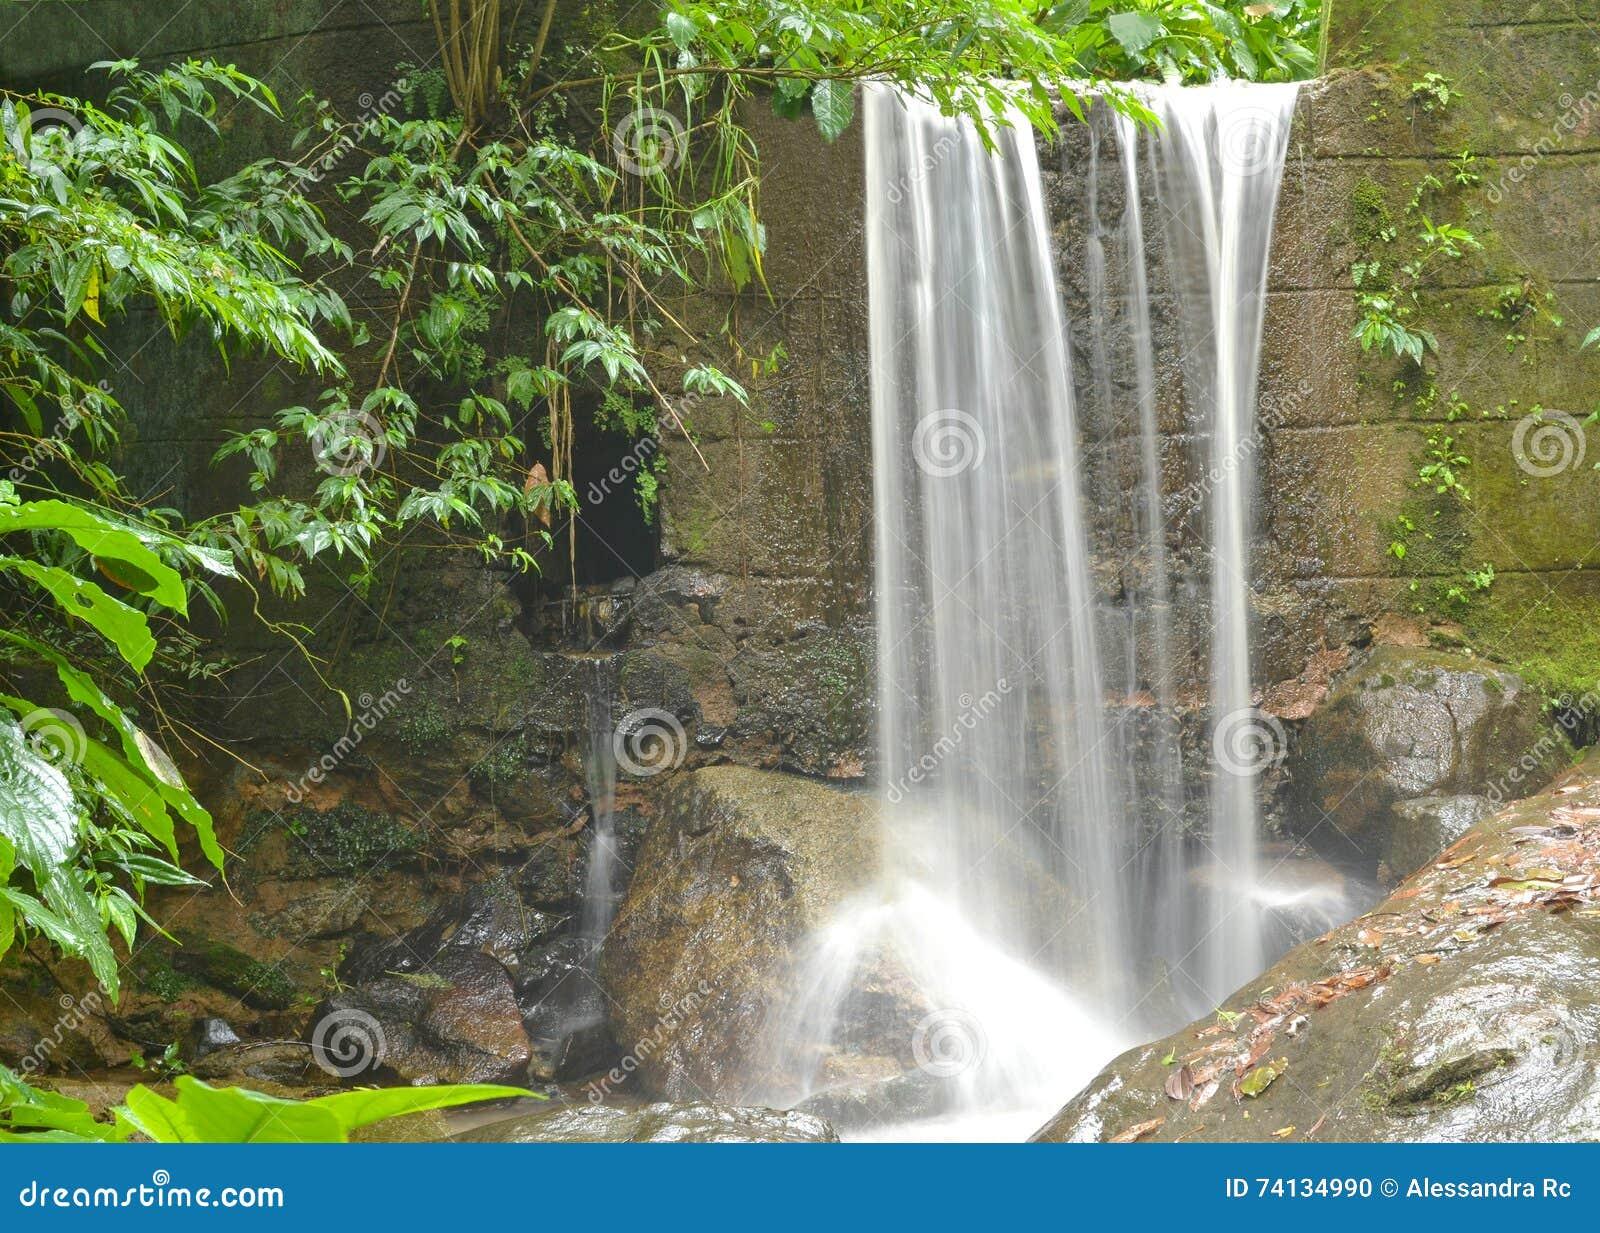 Cascata Della Parete Di Pietra Fotografia Stock - Immagine: 74134990